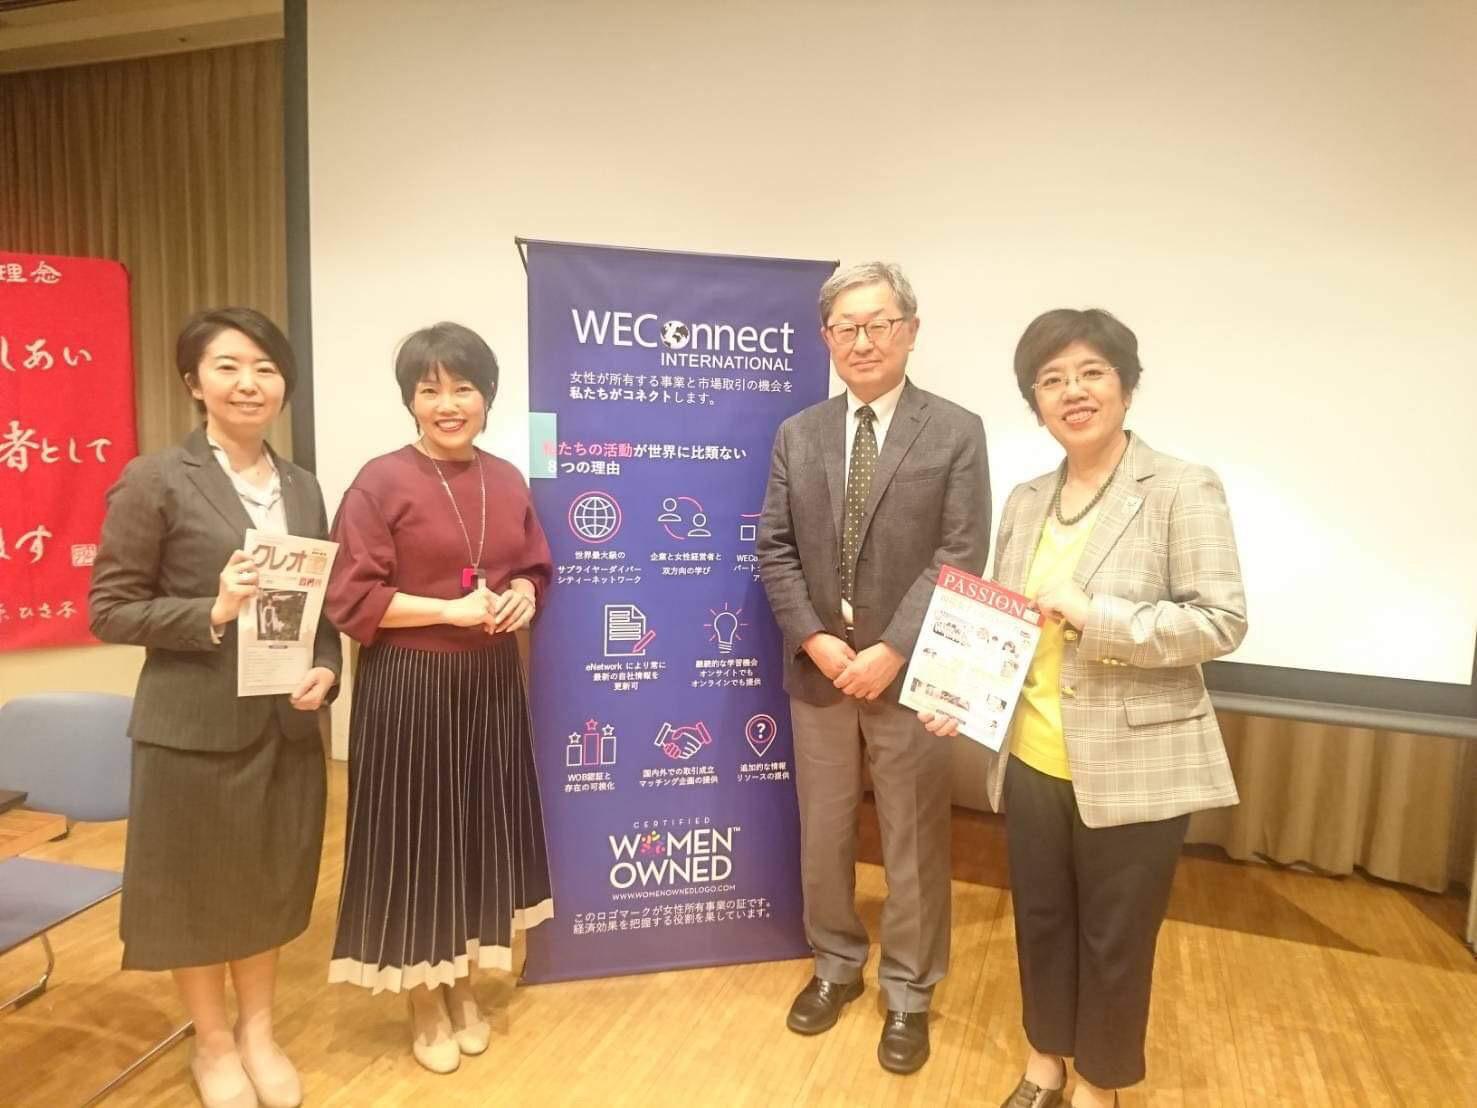 WEConnect International (ウィコネクトインターナショナル)